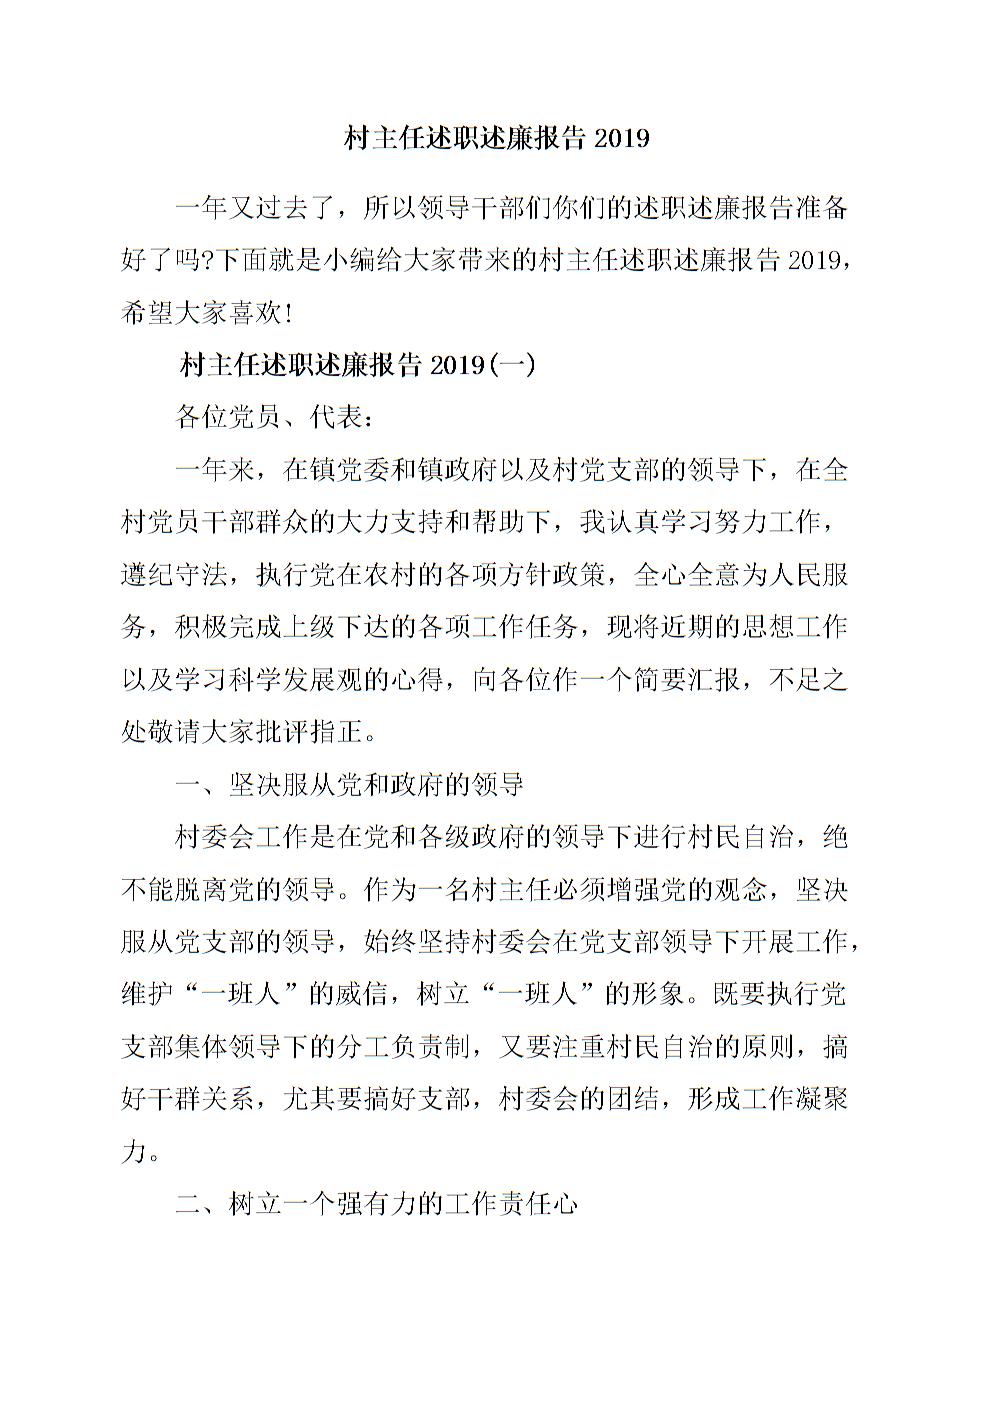 村主任述职述廉报告2019.doc